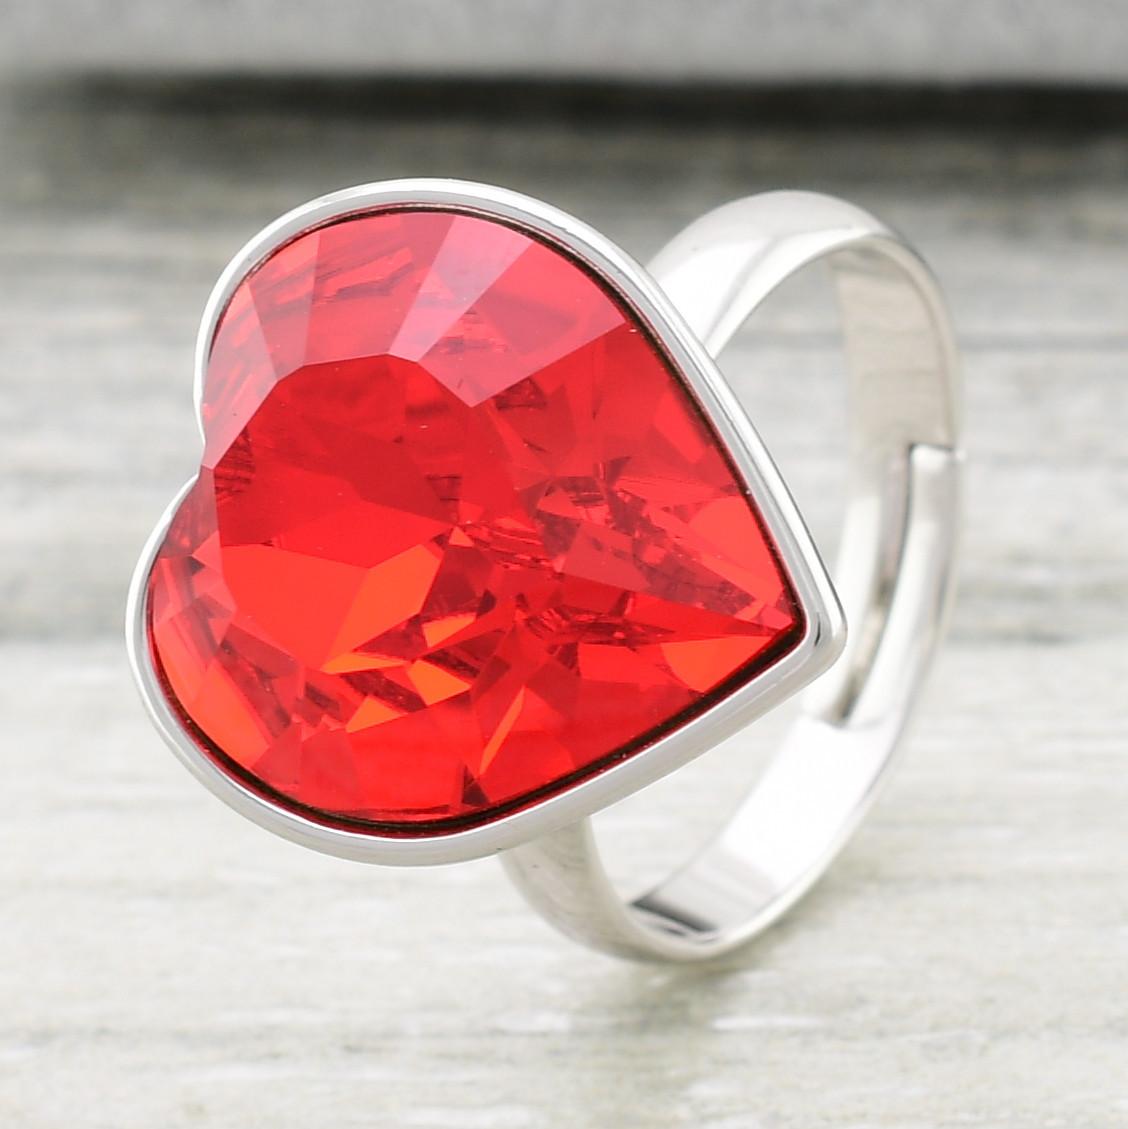 Кольцо Xuping с кристаллами Swarovski 11897 размер регулируемый 16-18 цвет красный позолота Белое Зо